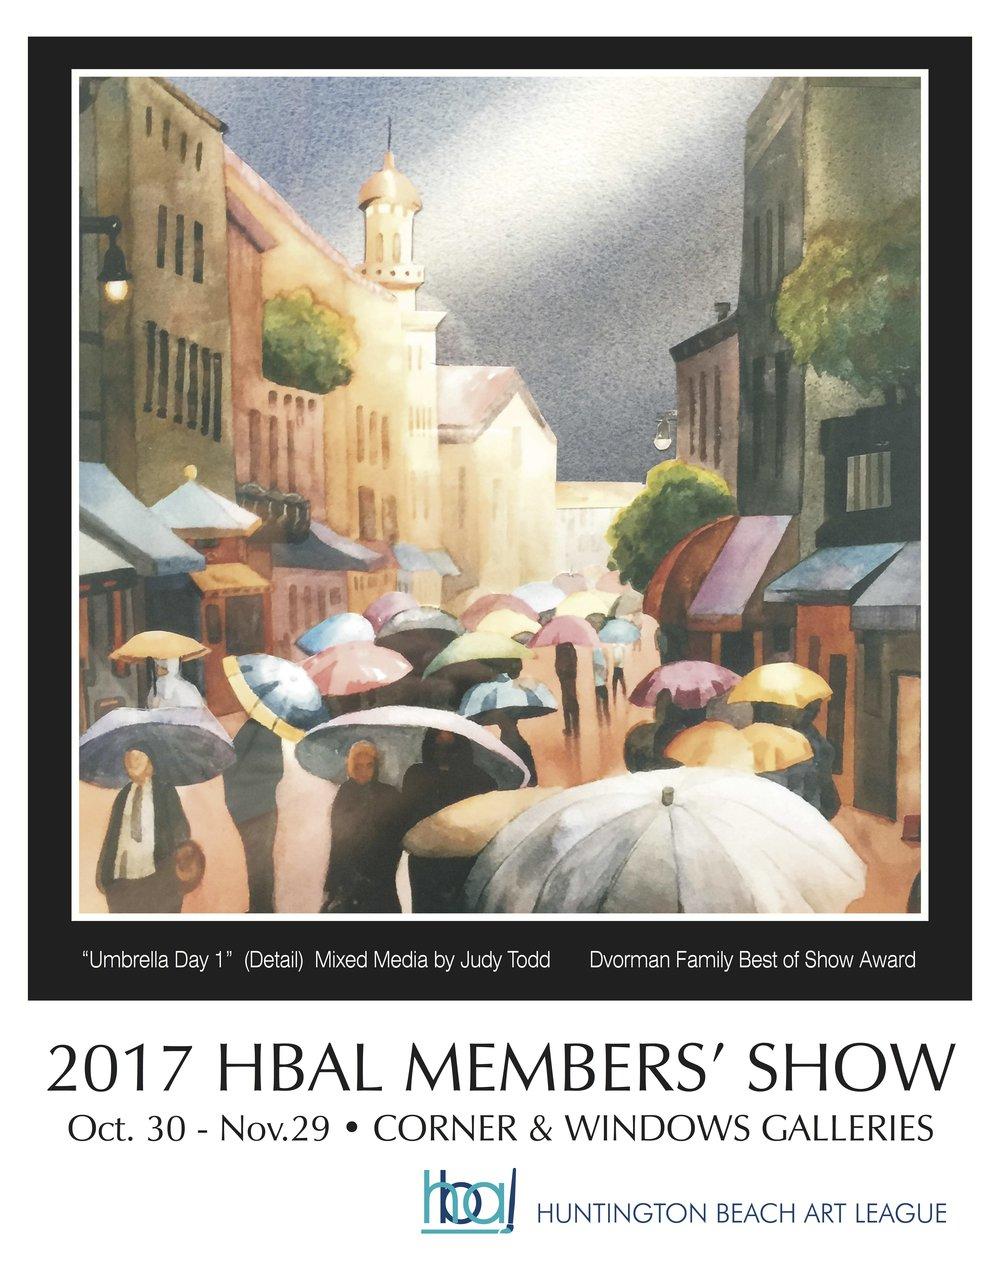 Members Show Poster 2017.jpg